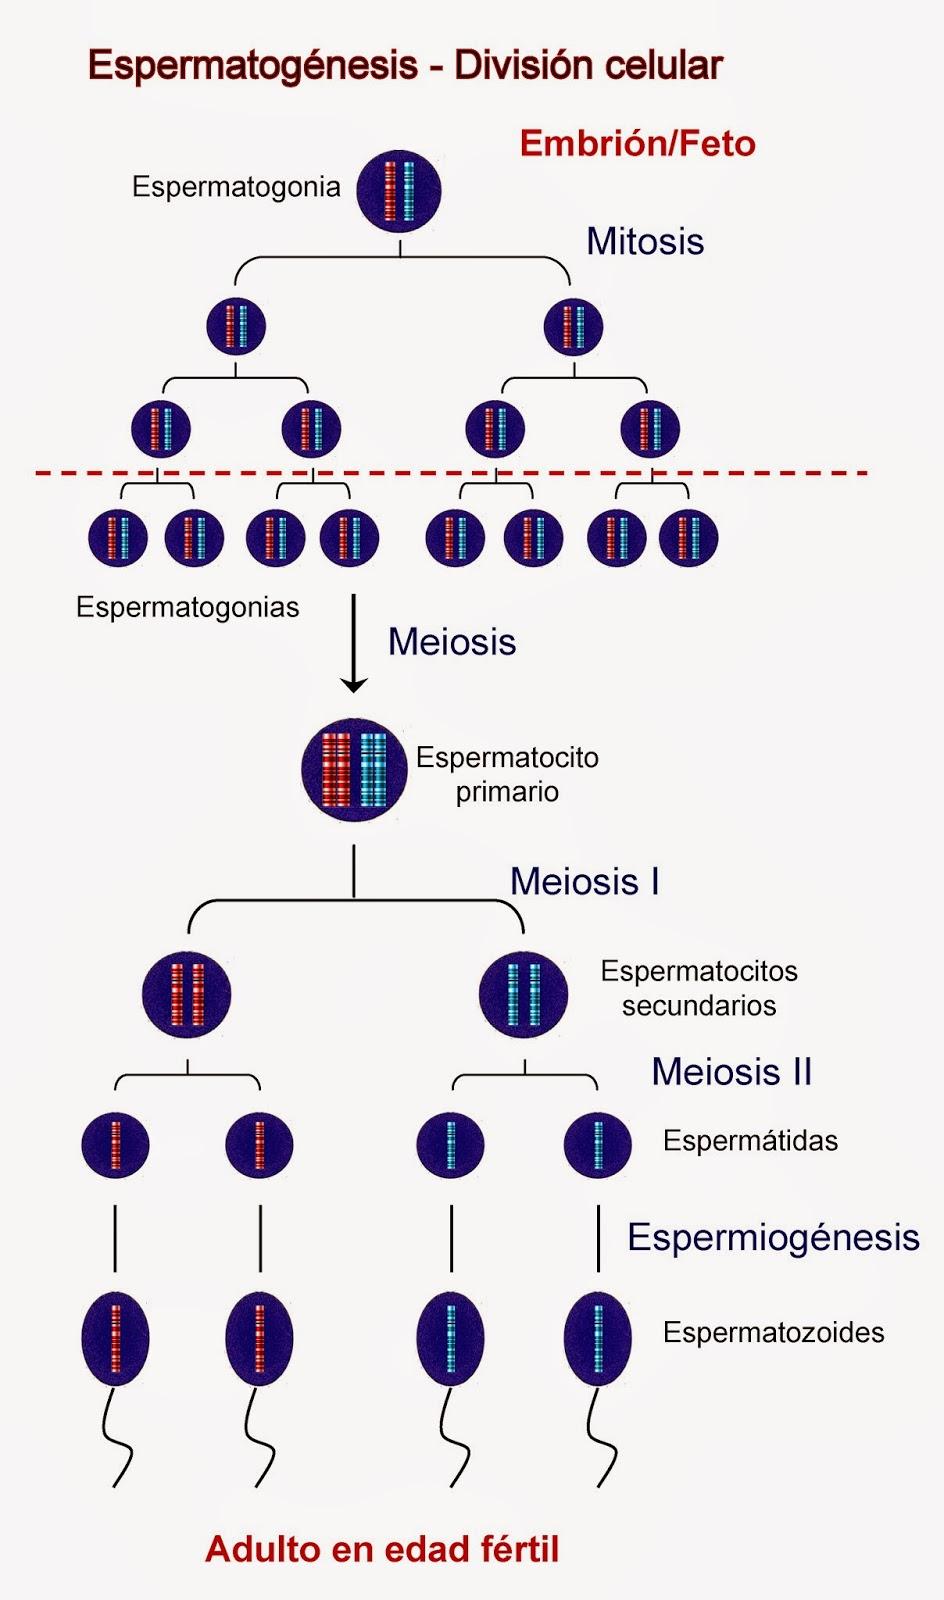 Mitosis y Meiosis durante la espermatogénesis